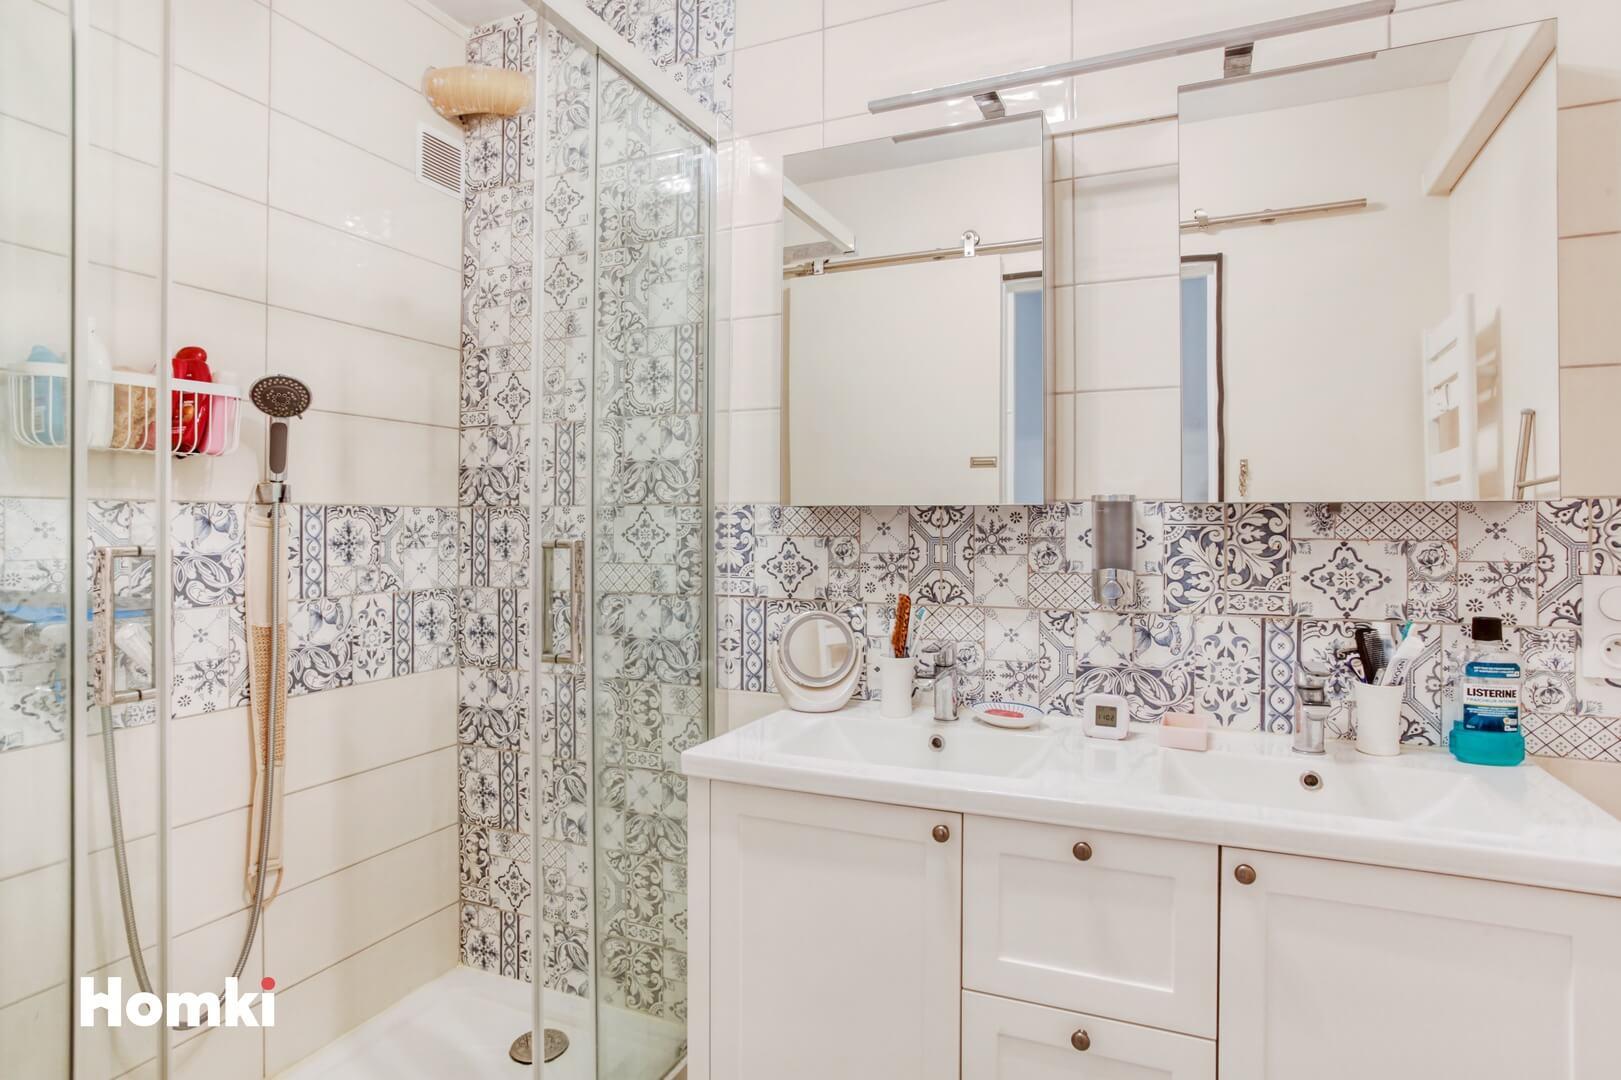 Homki - Vente Appartement  de 98.0 m² à Marseille 13005